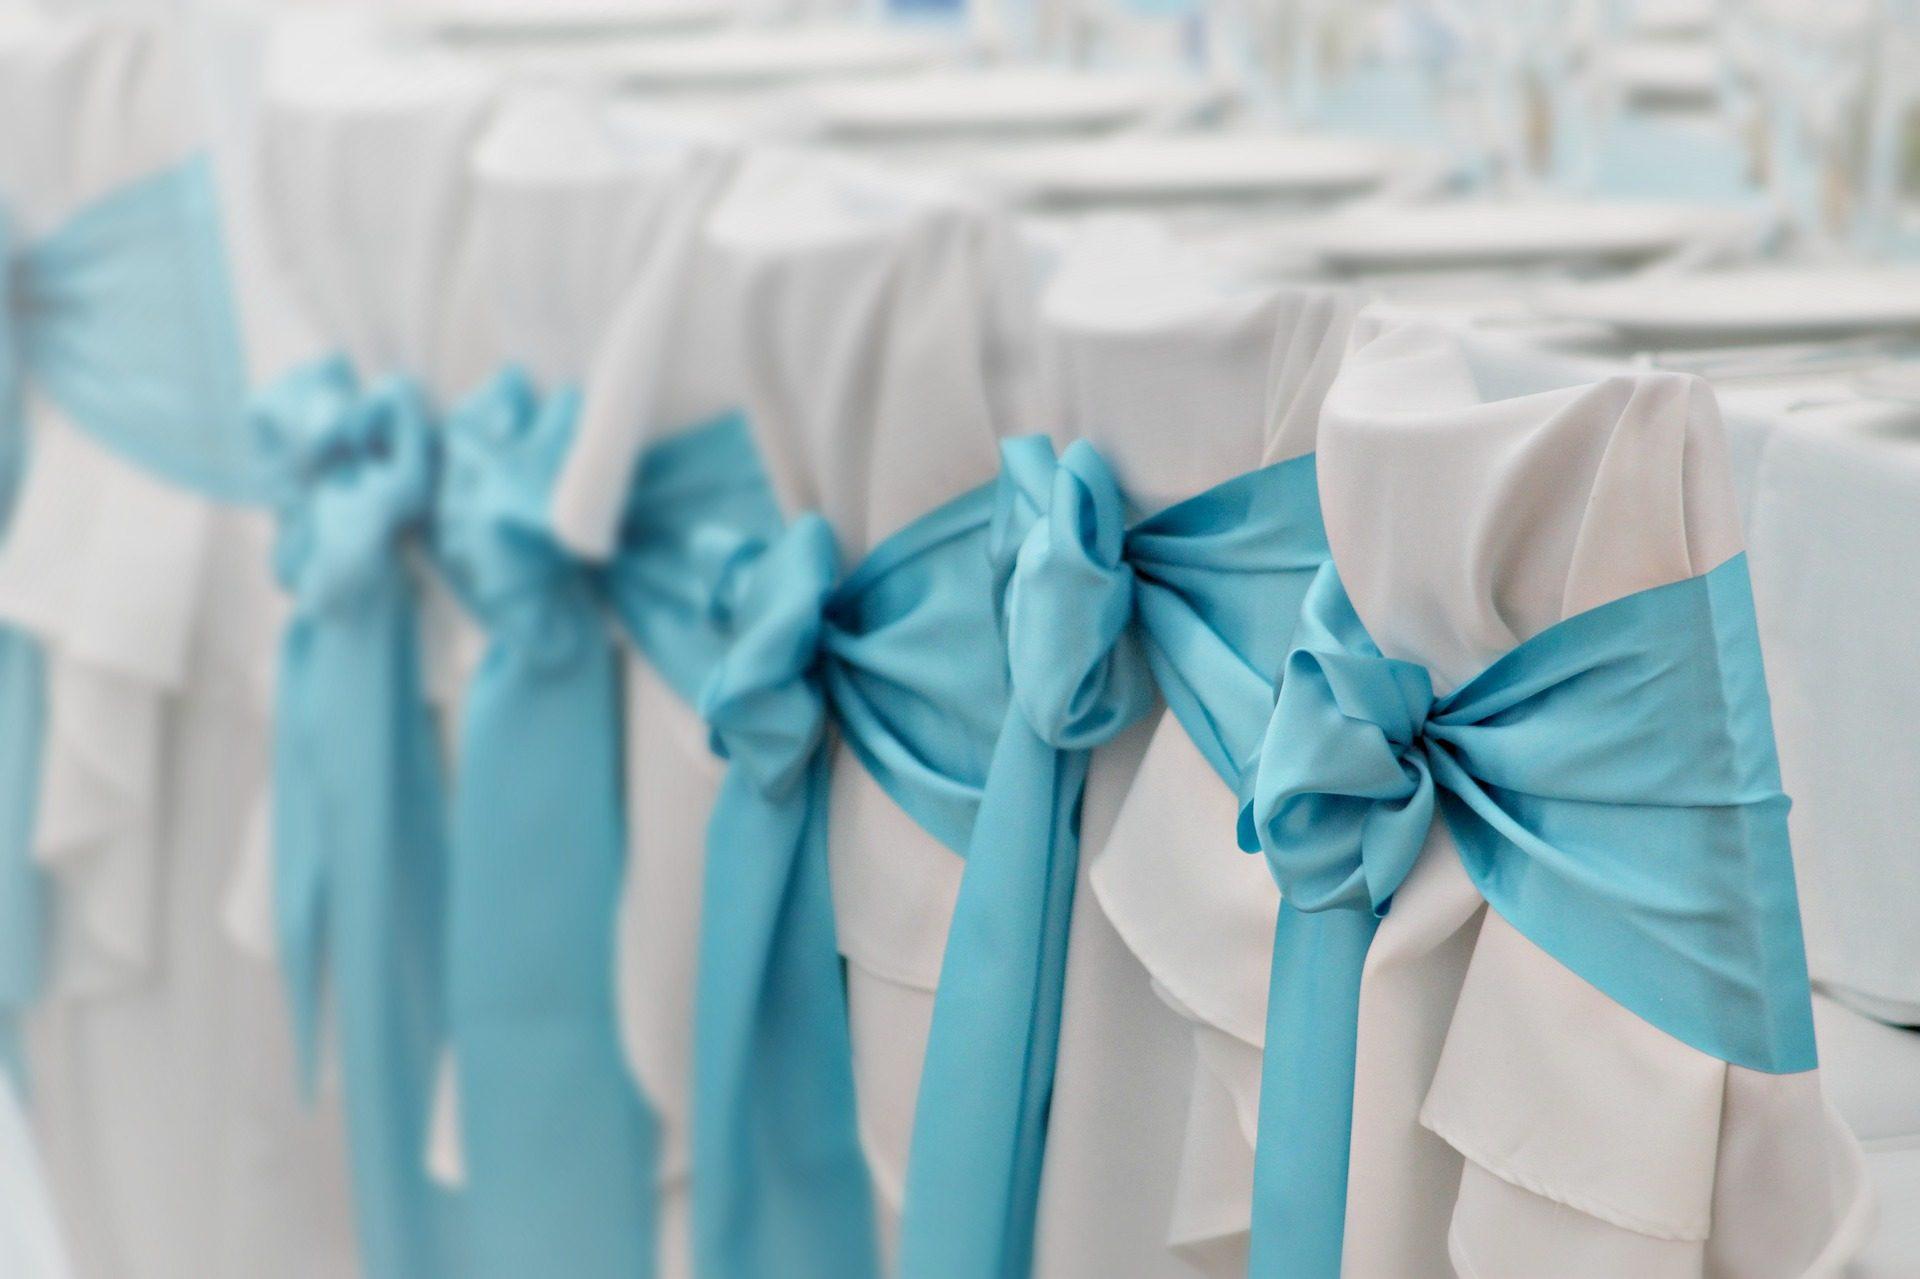 matrimonio, Cerimonia, tavolo, sedie, cravatte - Sfondi HD - Professor-falken.com